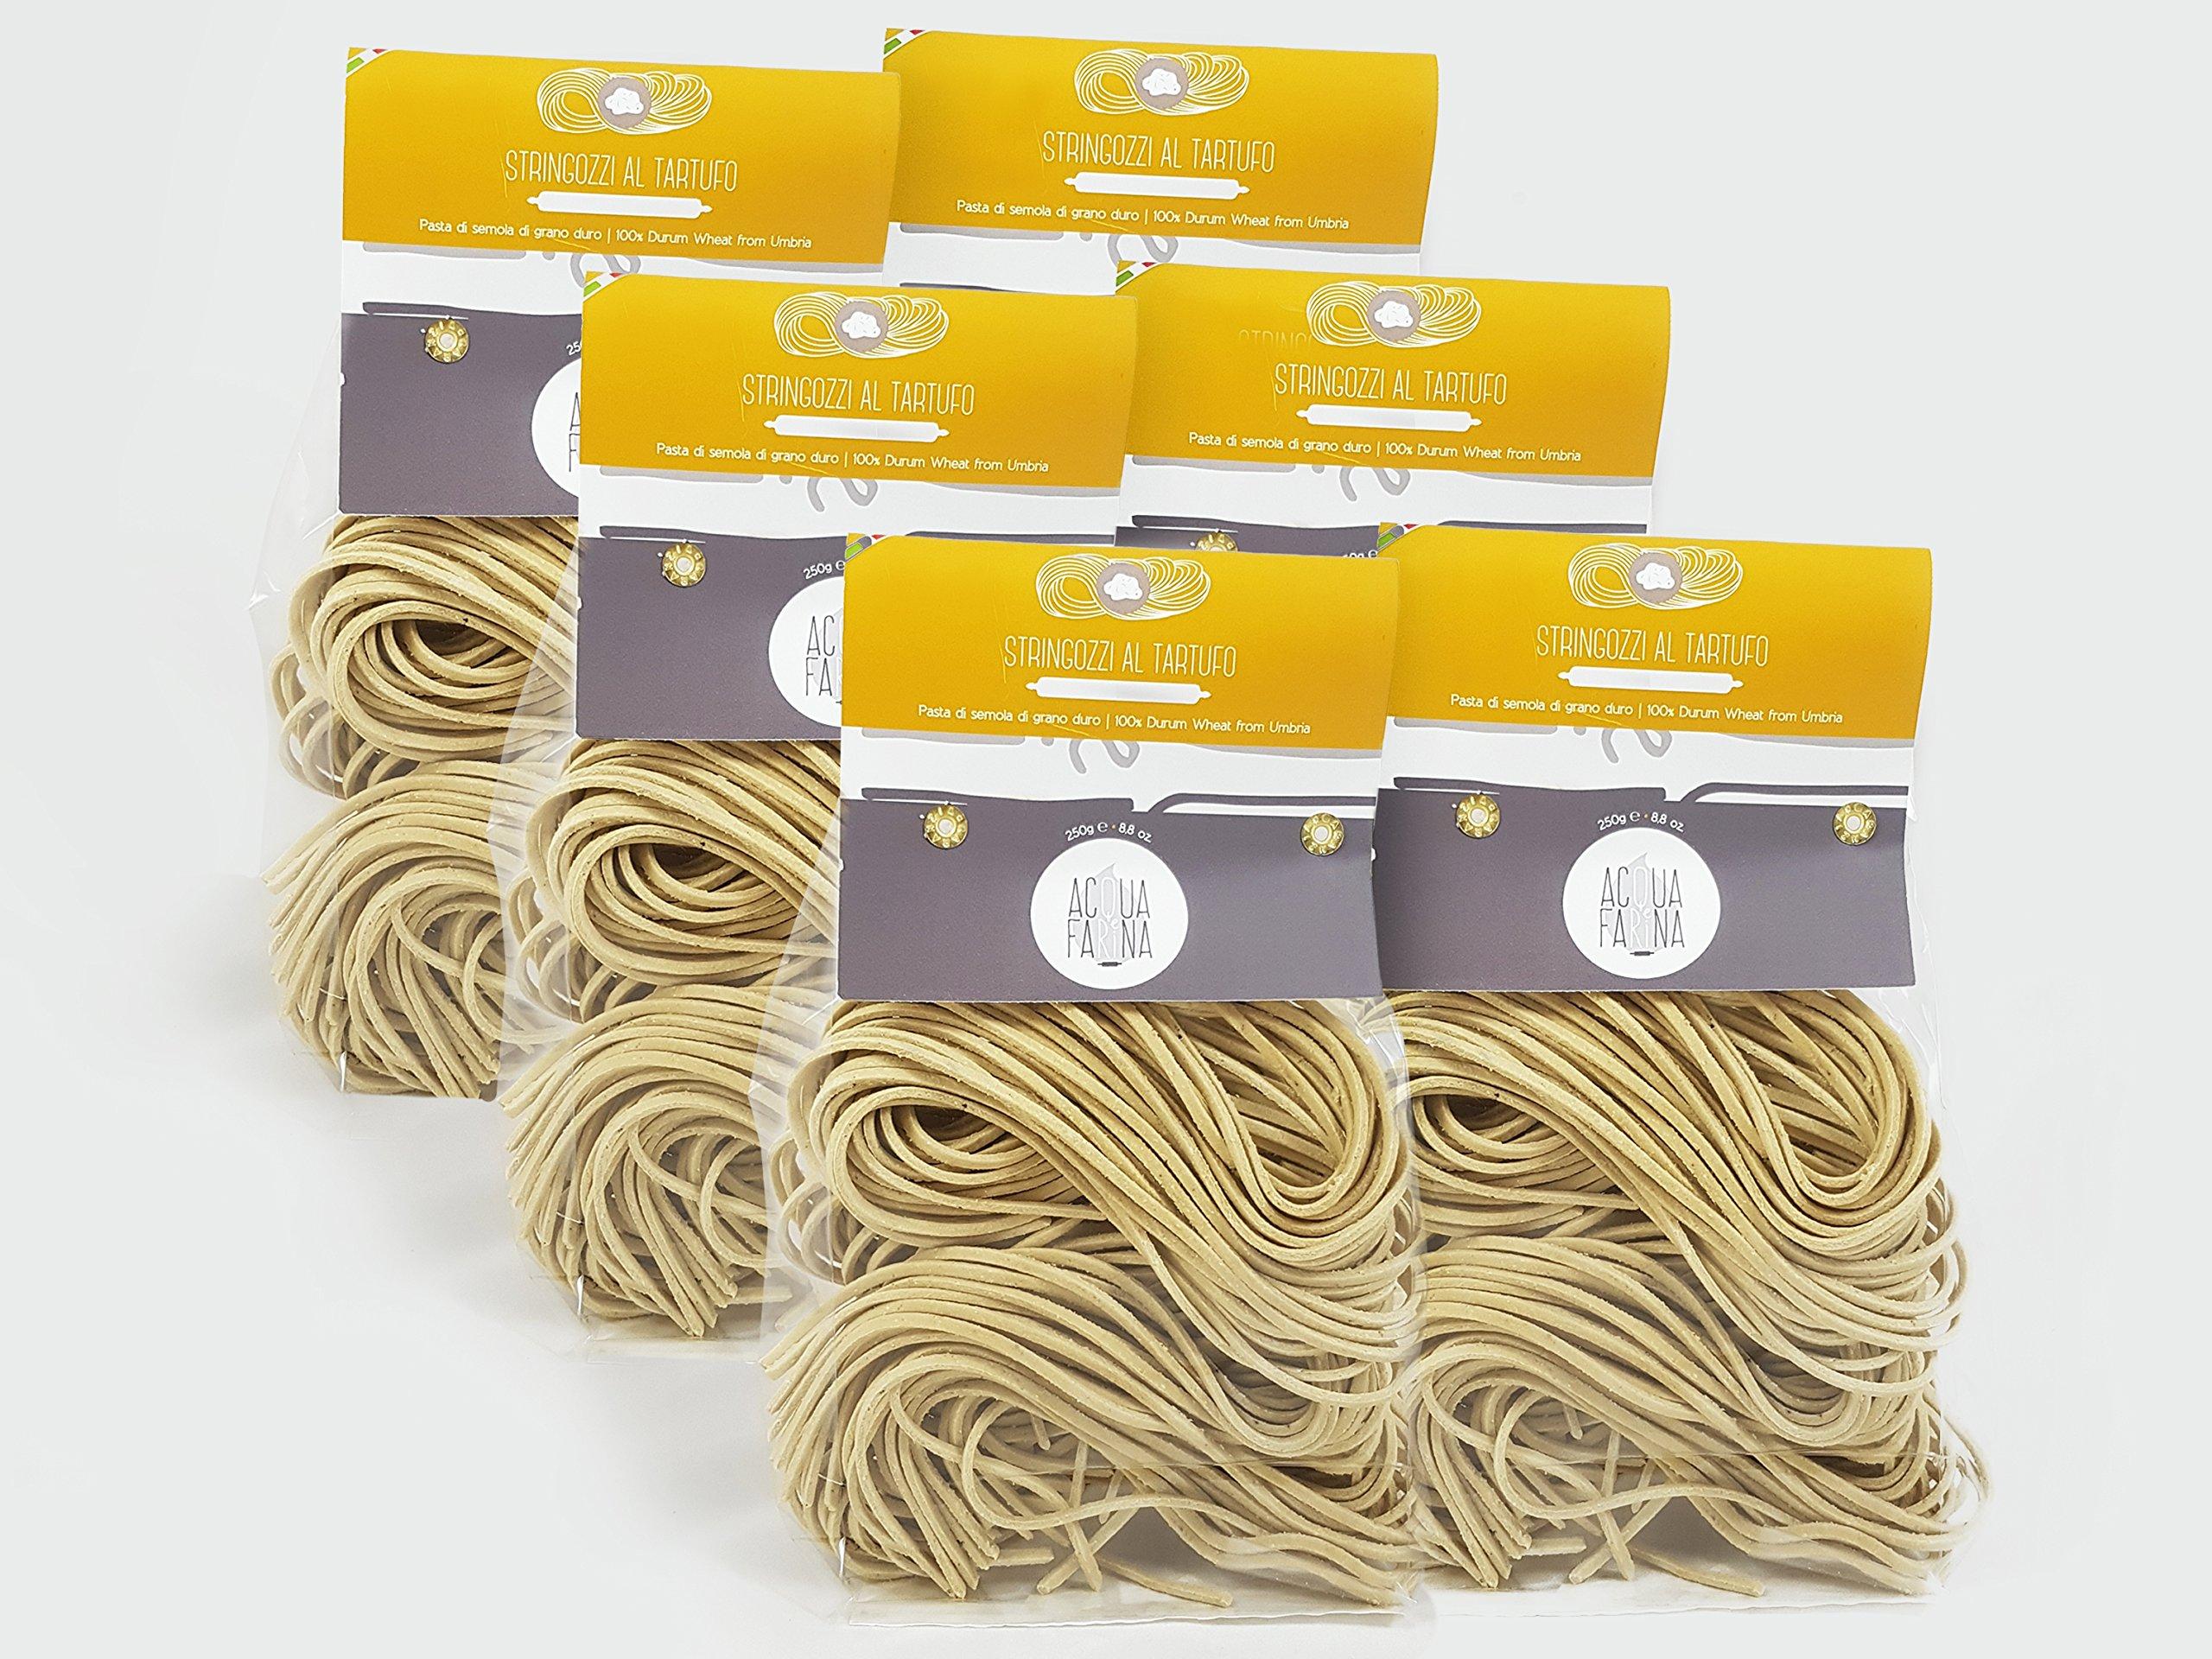 Stringozzi al tartufo 8.8 oz pack of 6 truffle Flavor by Acqua e Farina